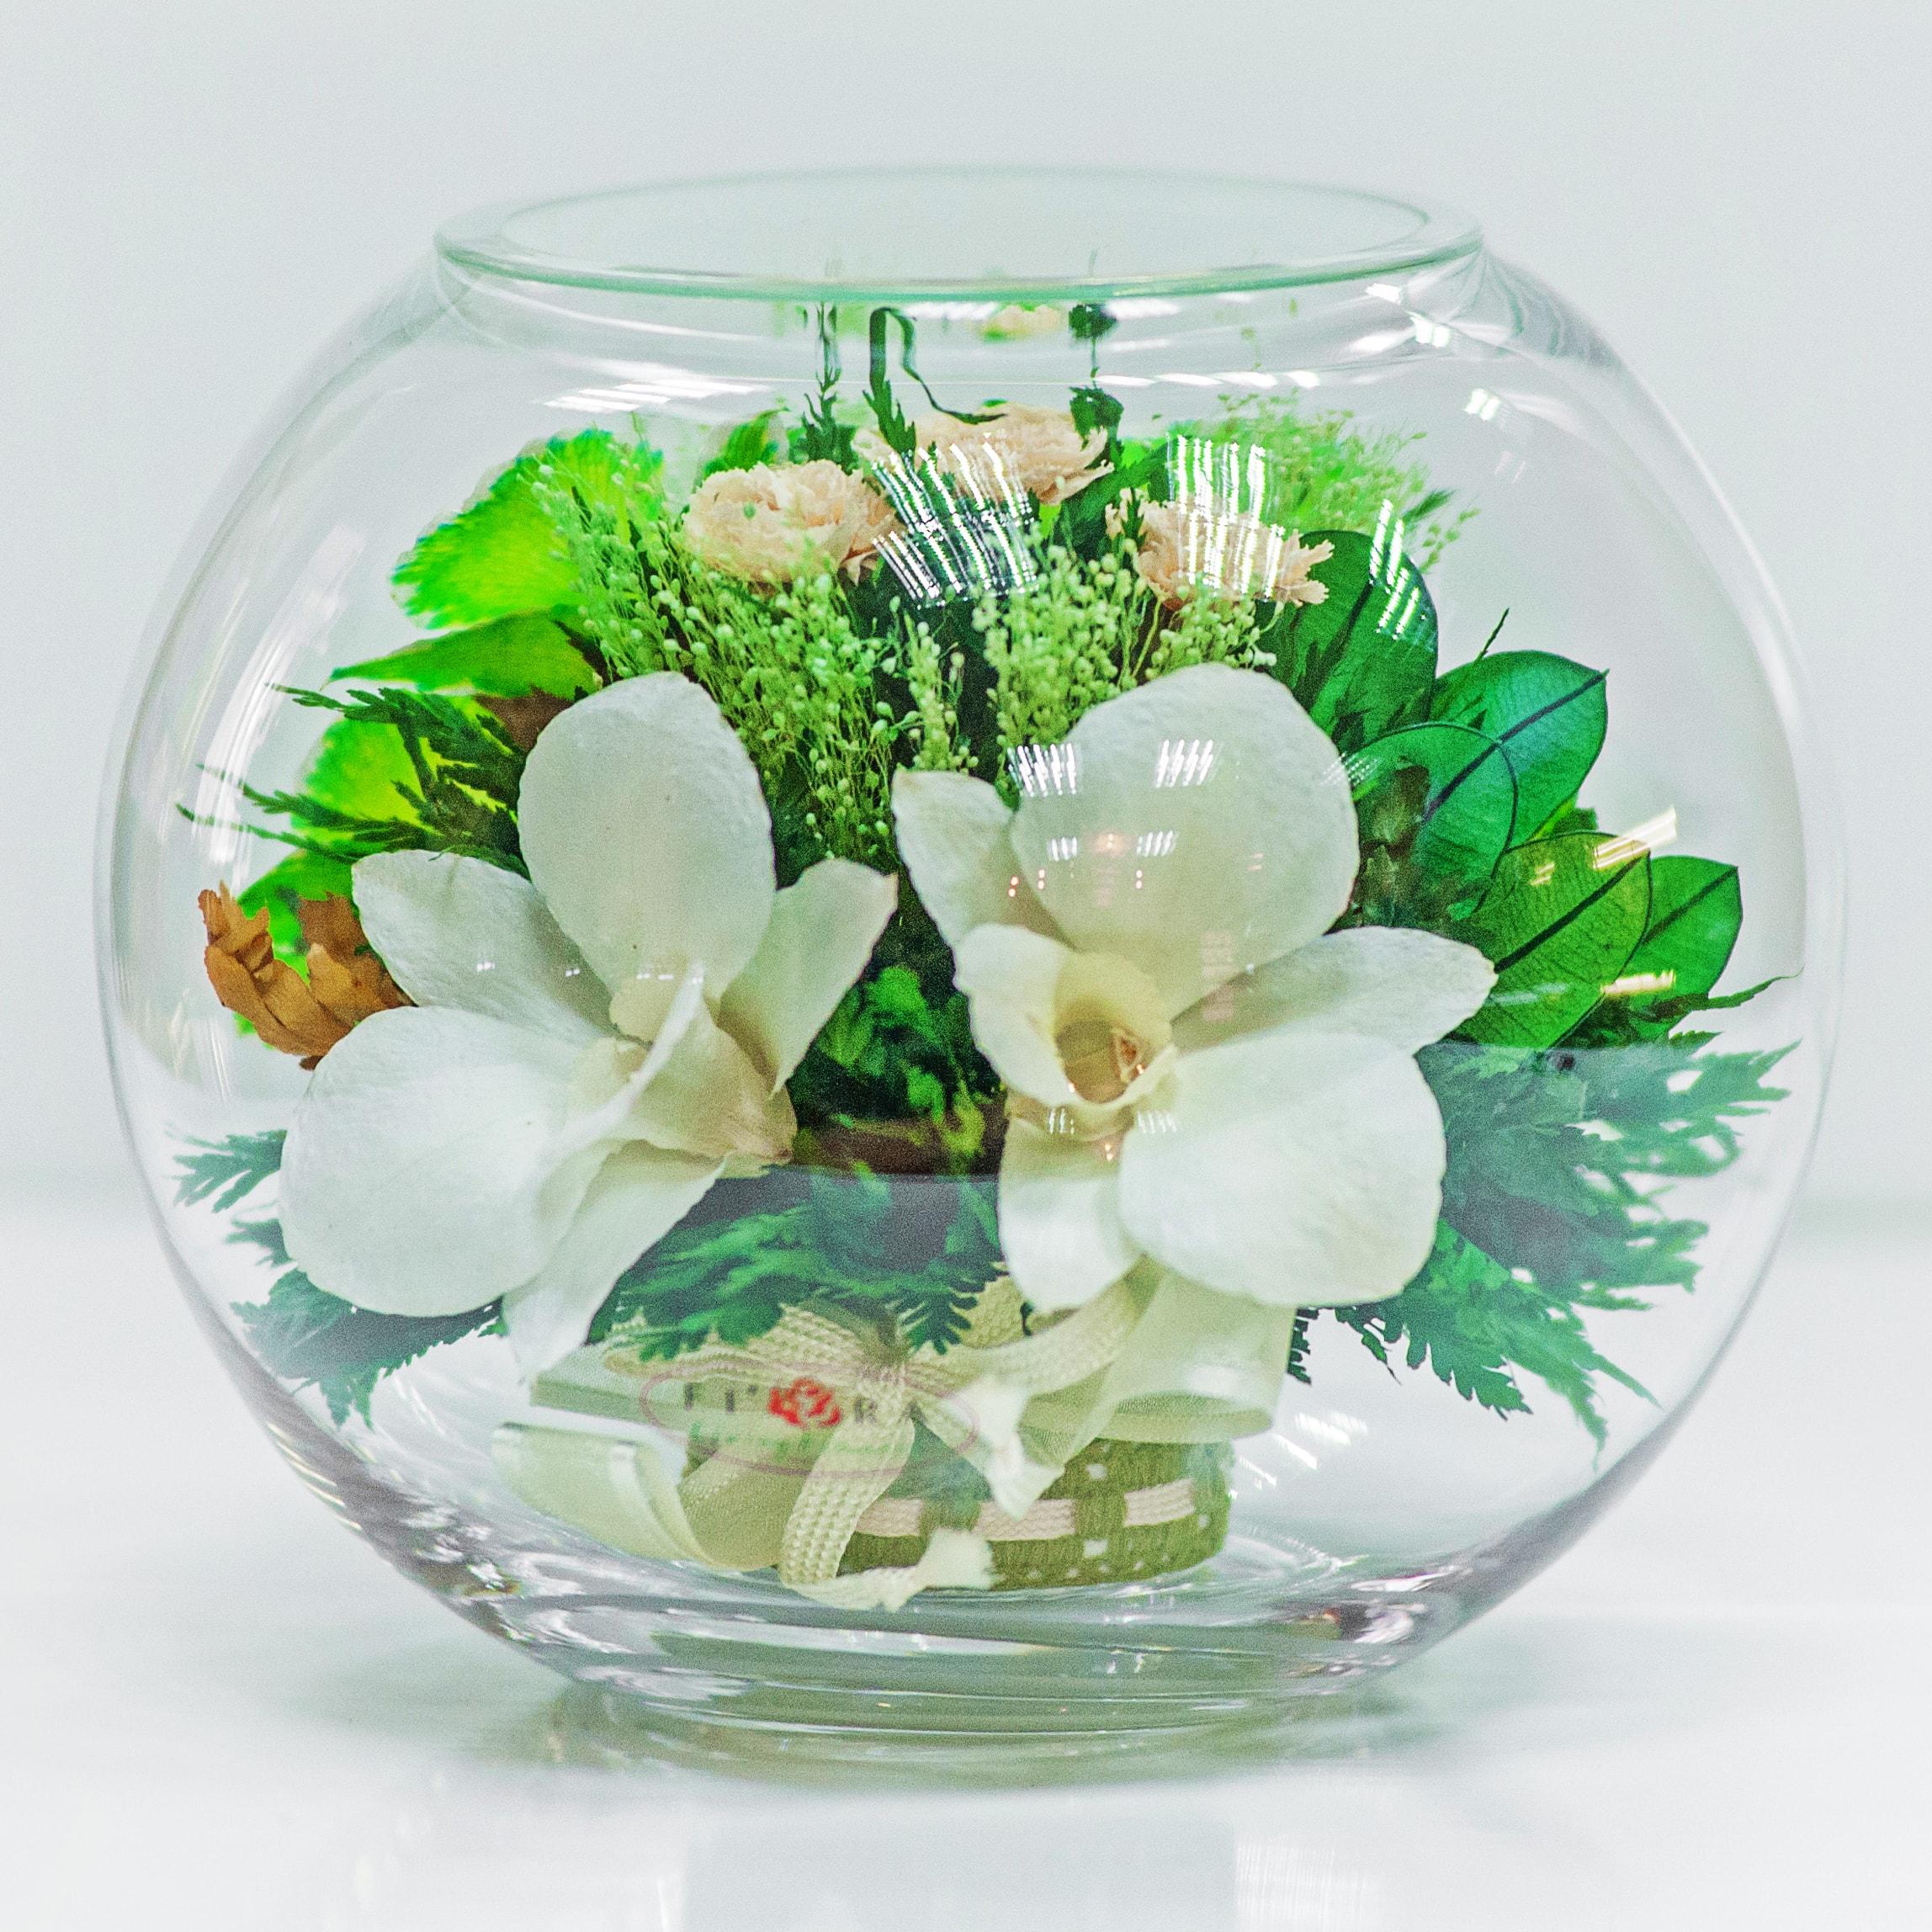 как украсить круглую вазу фото касается просмотра